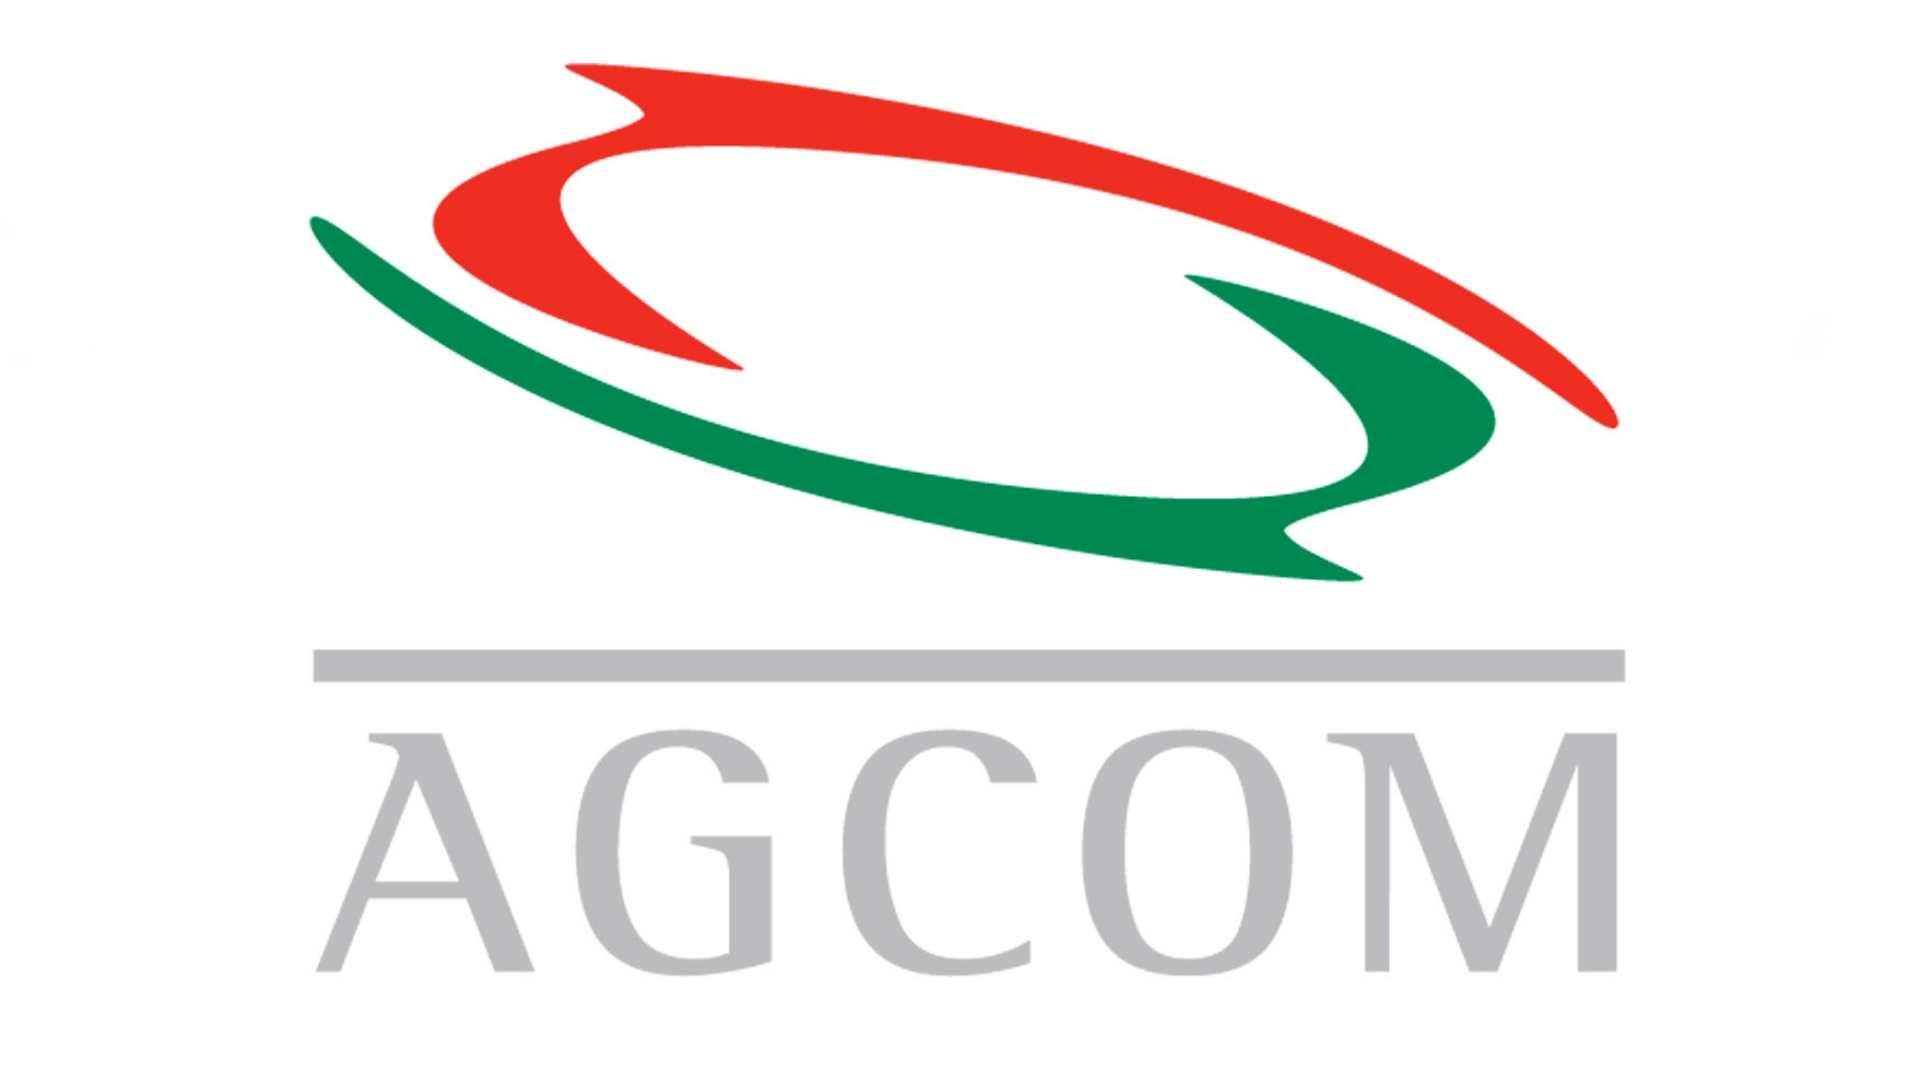 FIAP AGCOM